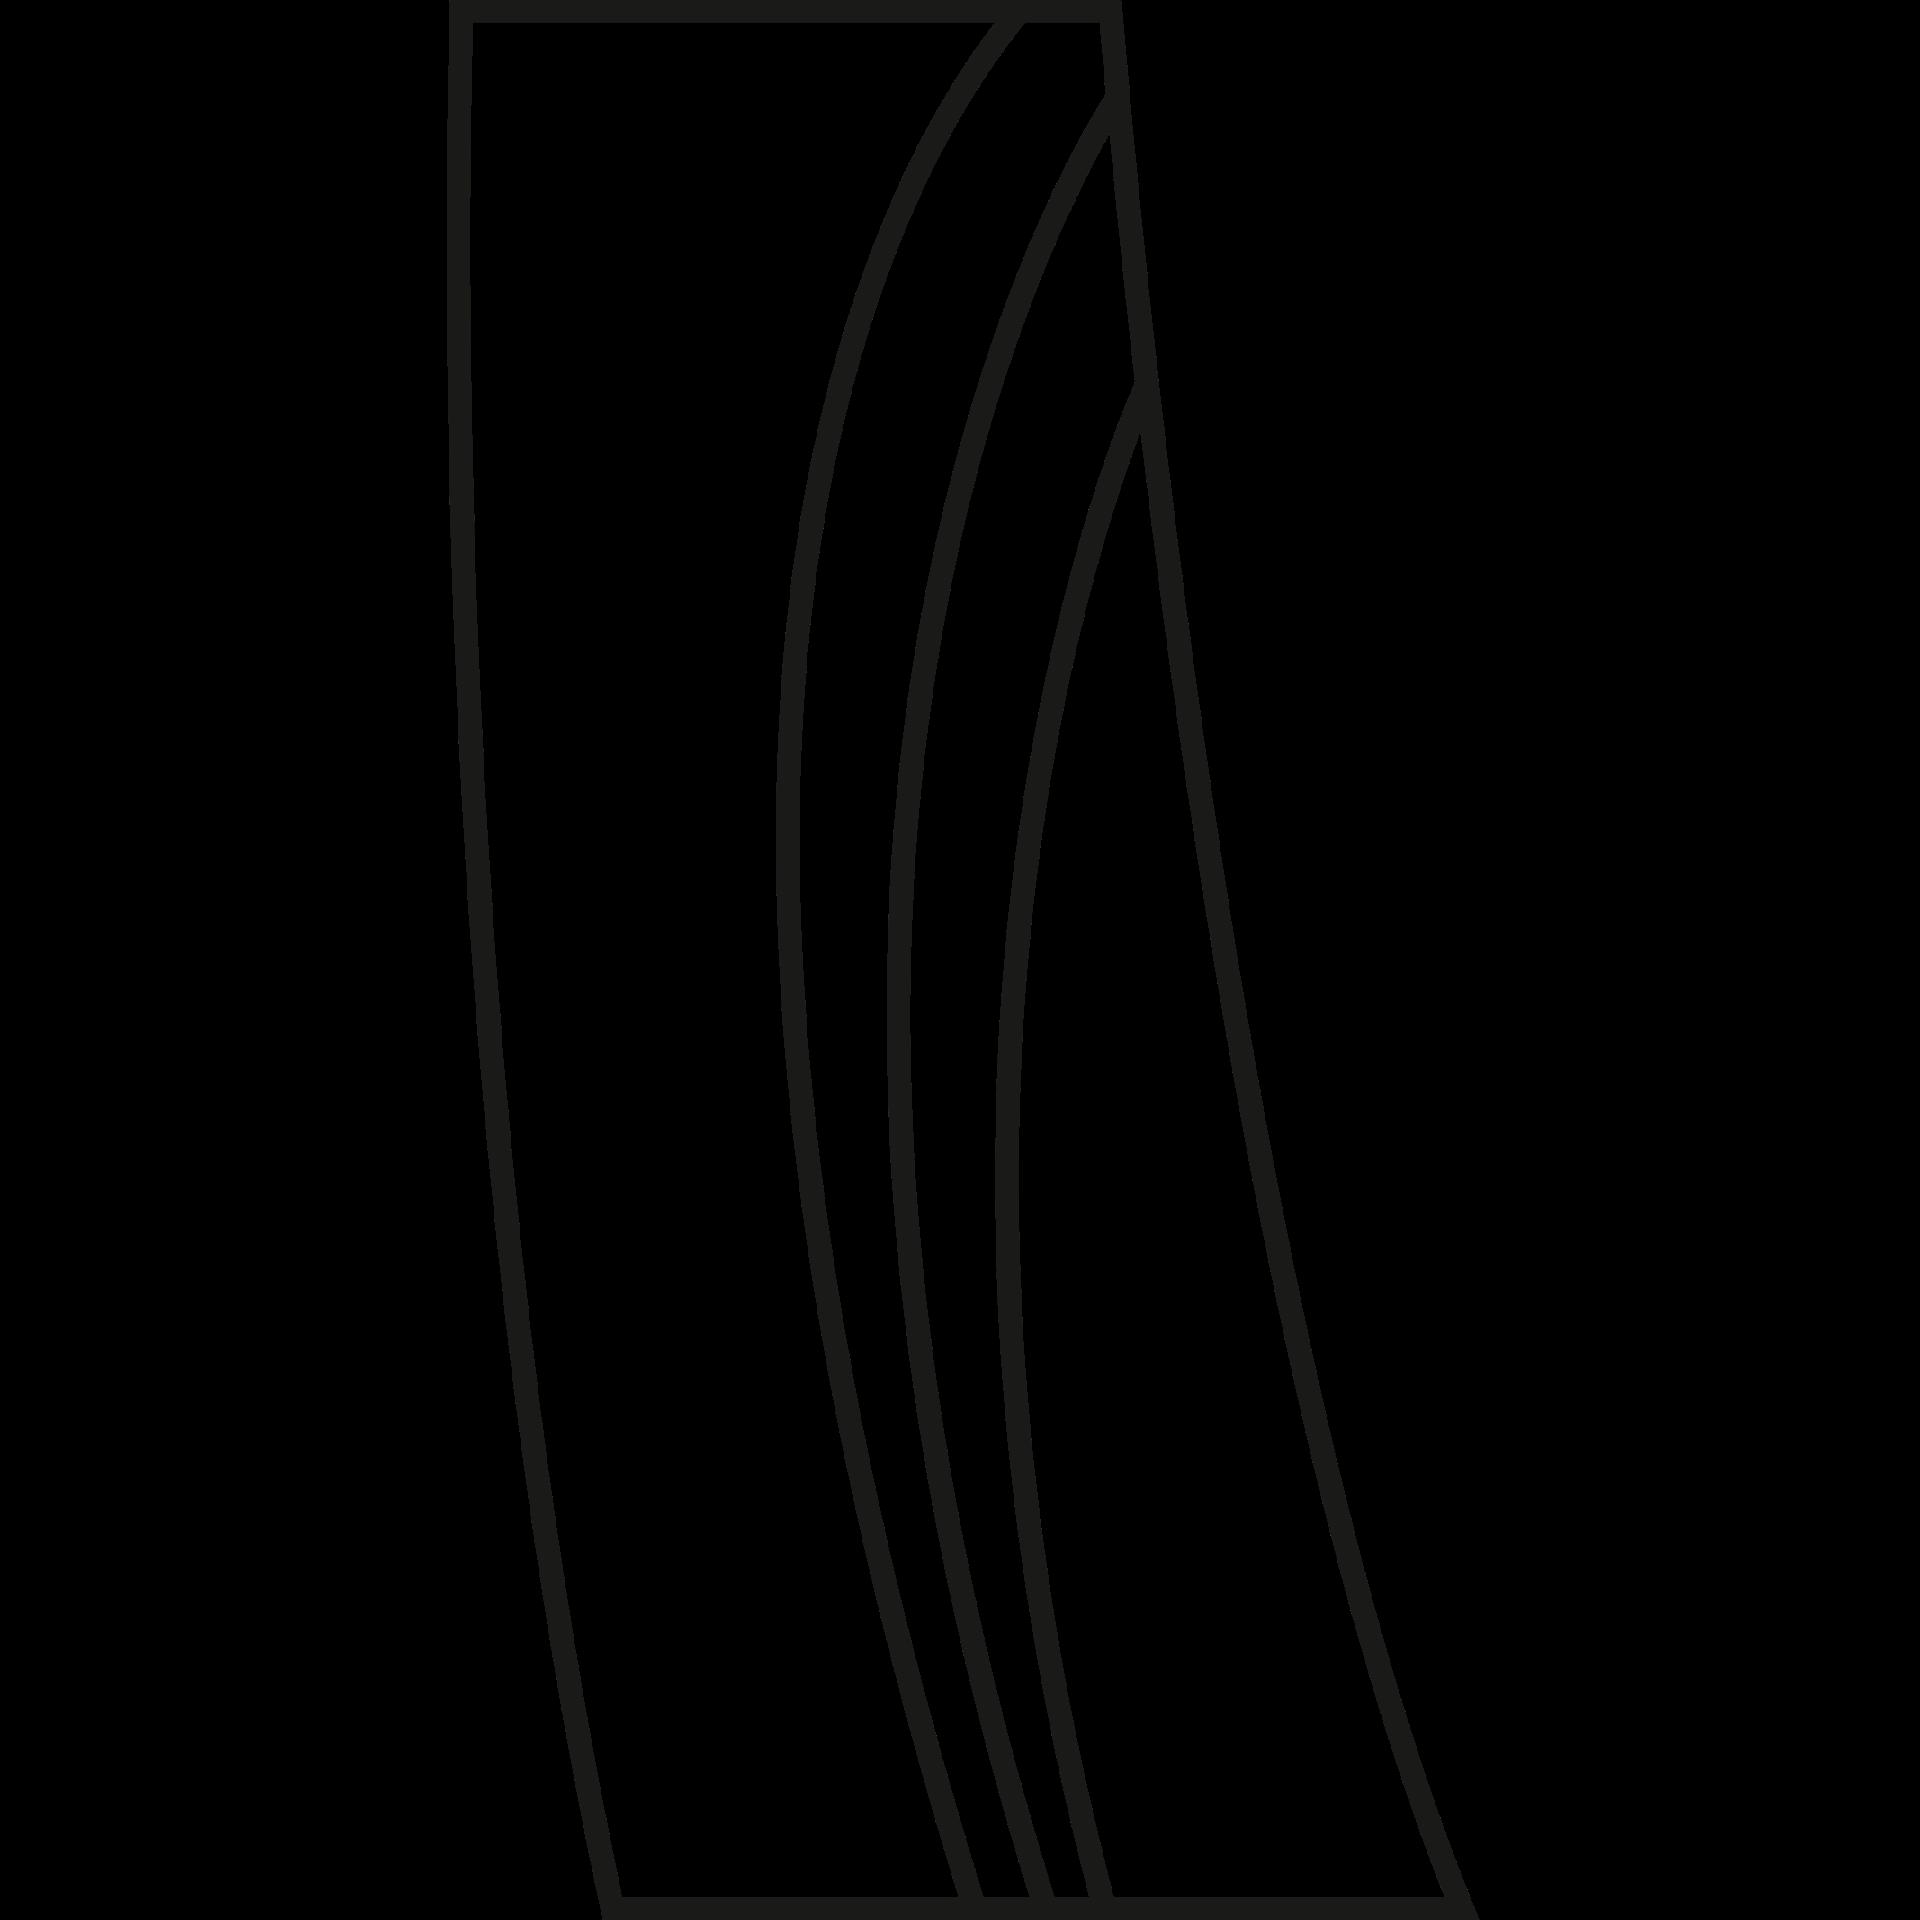 mk-dent-icon-prime-line-body-black